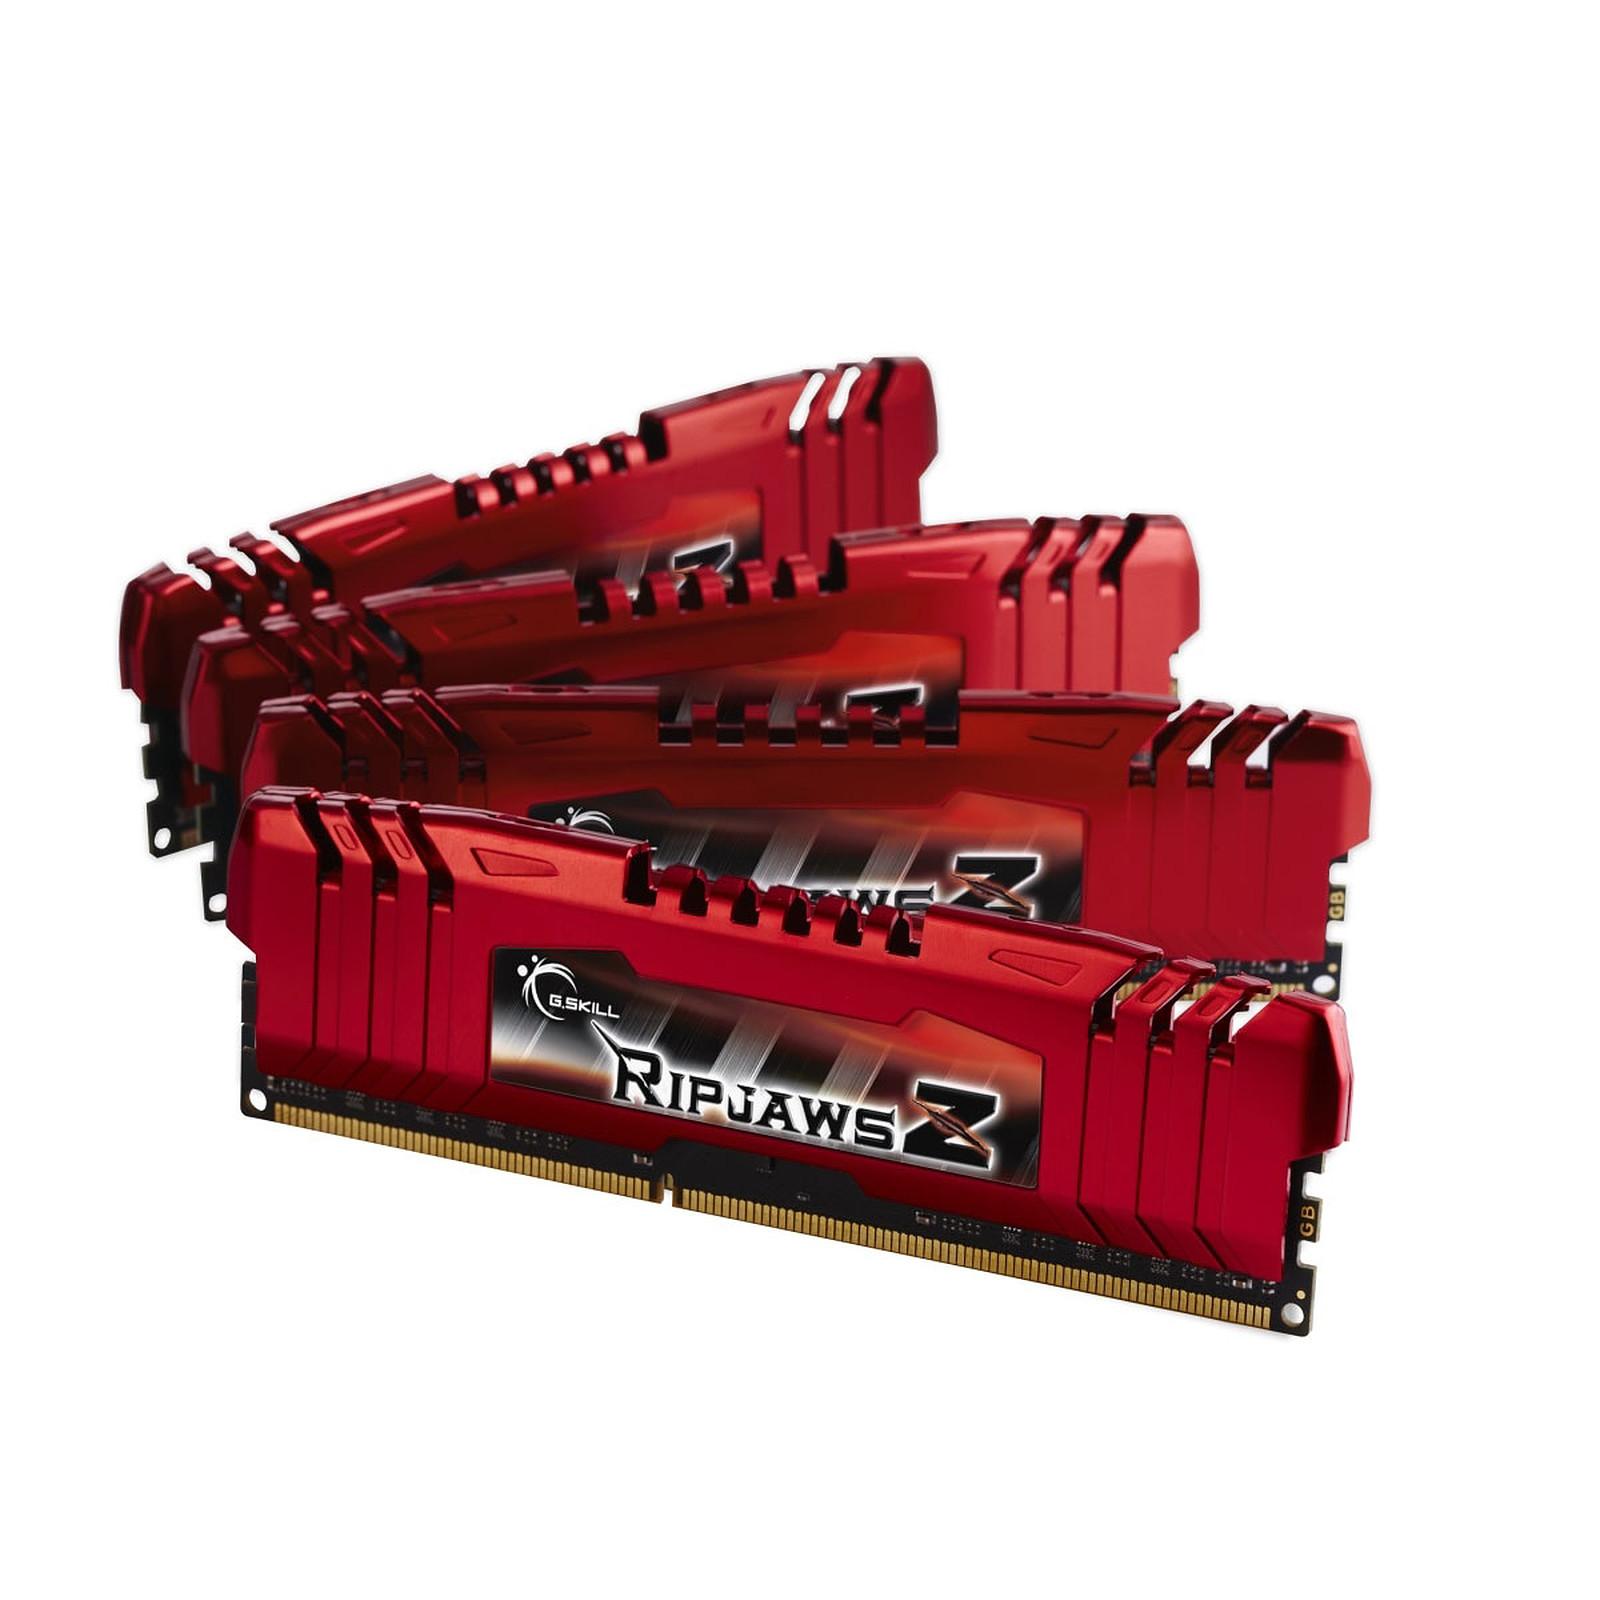 G.Skill RipJaws Z Series 32 Go (4 x 8Go) DDR3 1600 MHz CL10